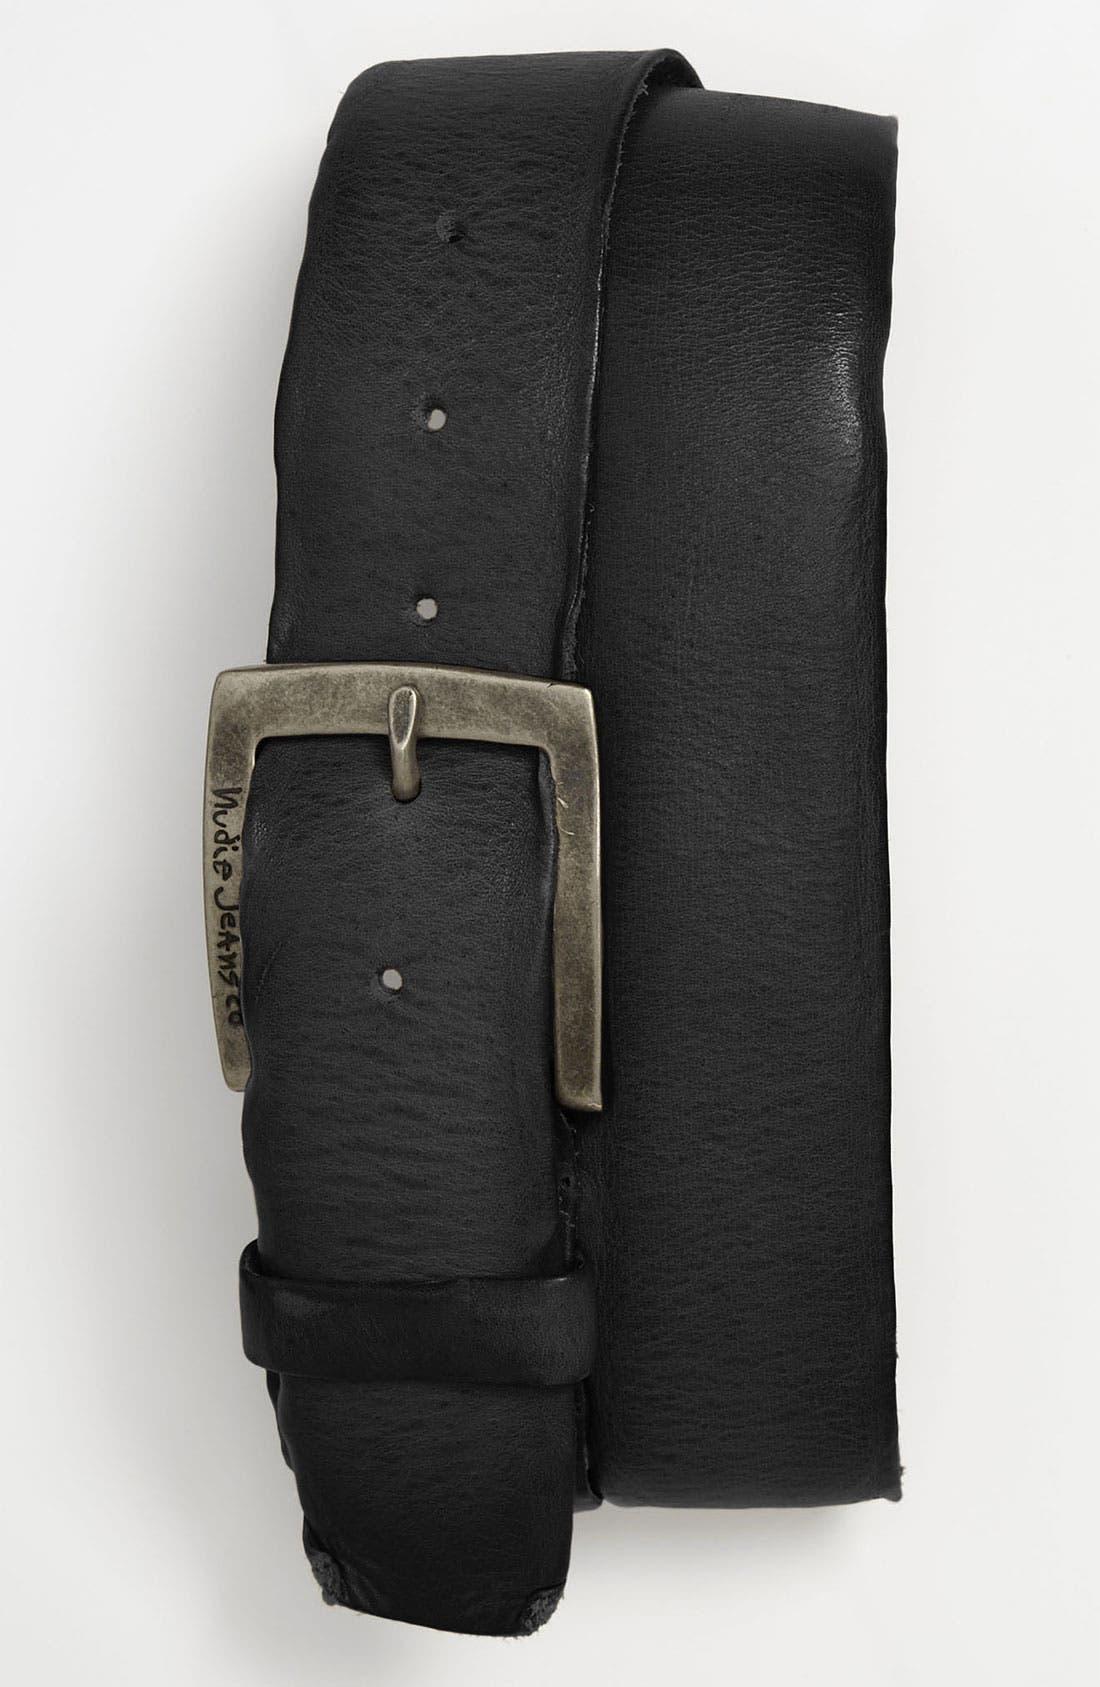 Alternate Image 1 Selected - Nudie 'Antonsson' Belt